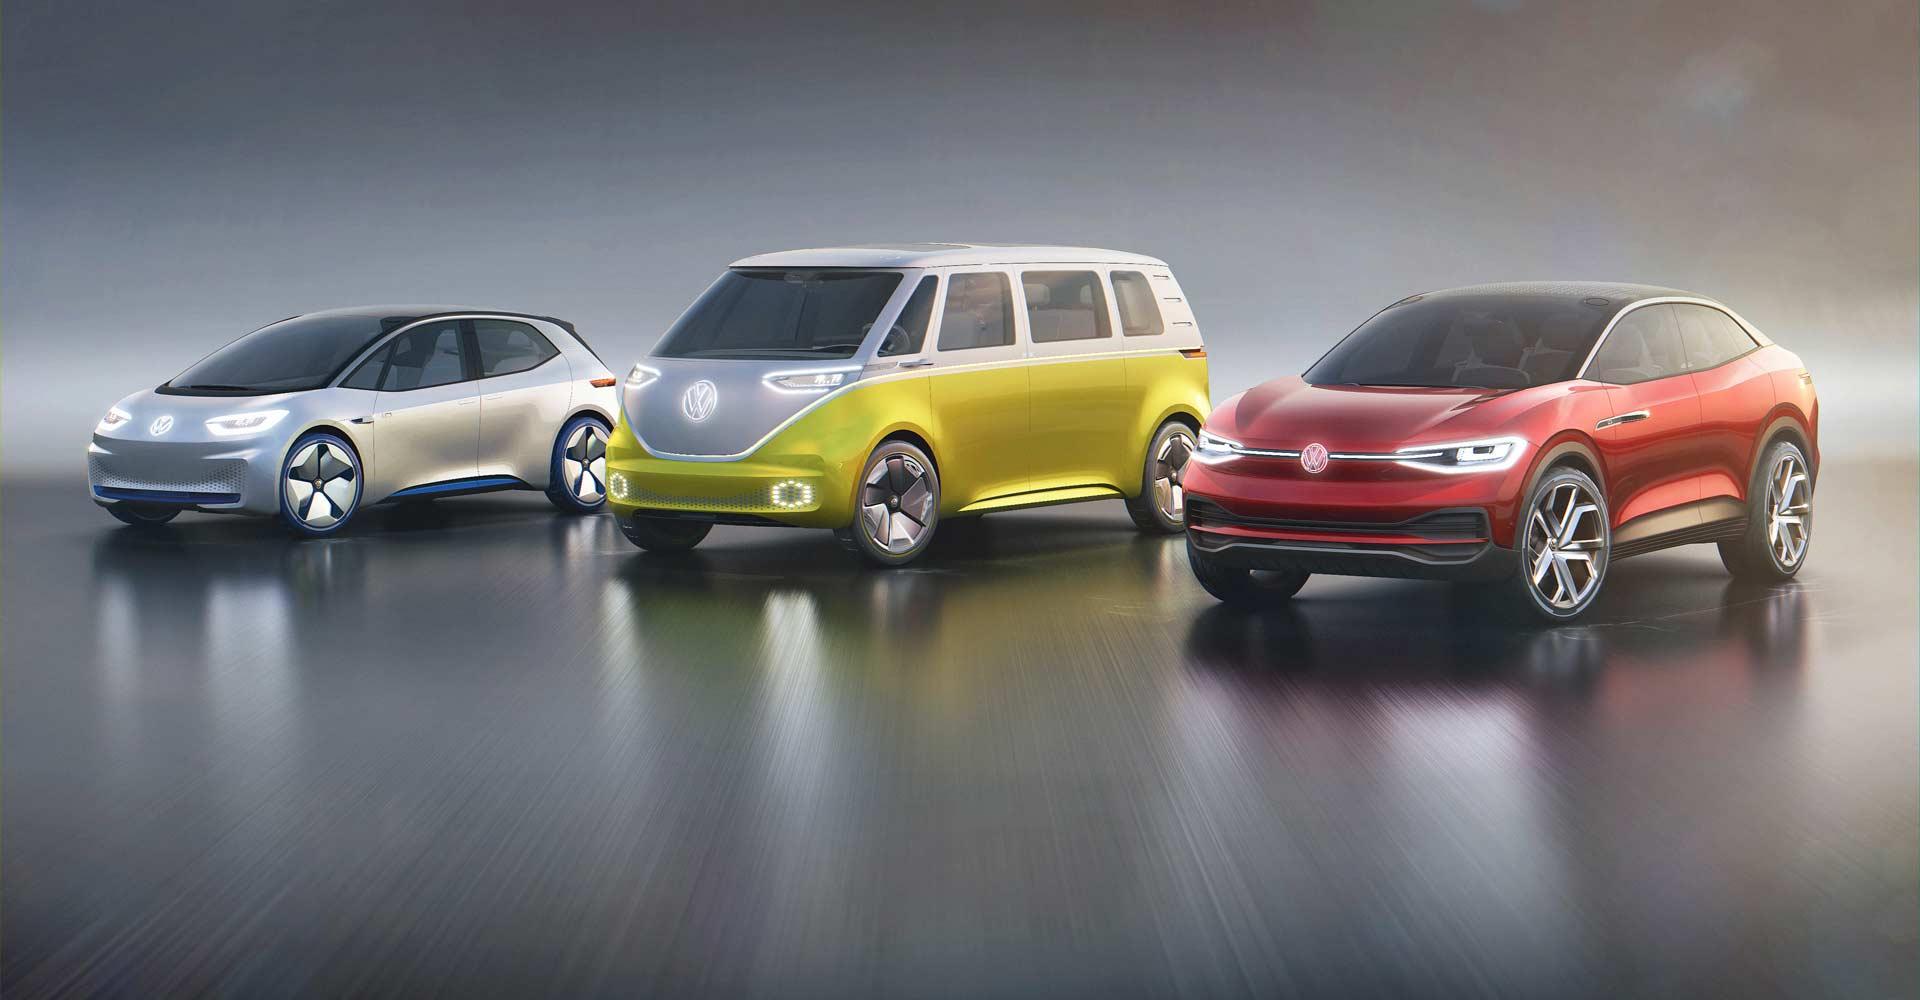 """Првиот """"електричен бран"""" од Volkswagen доаѓа во форма на 10 милиони автомобили"""